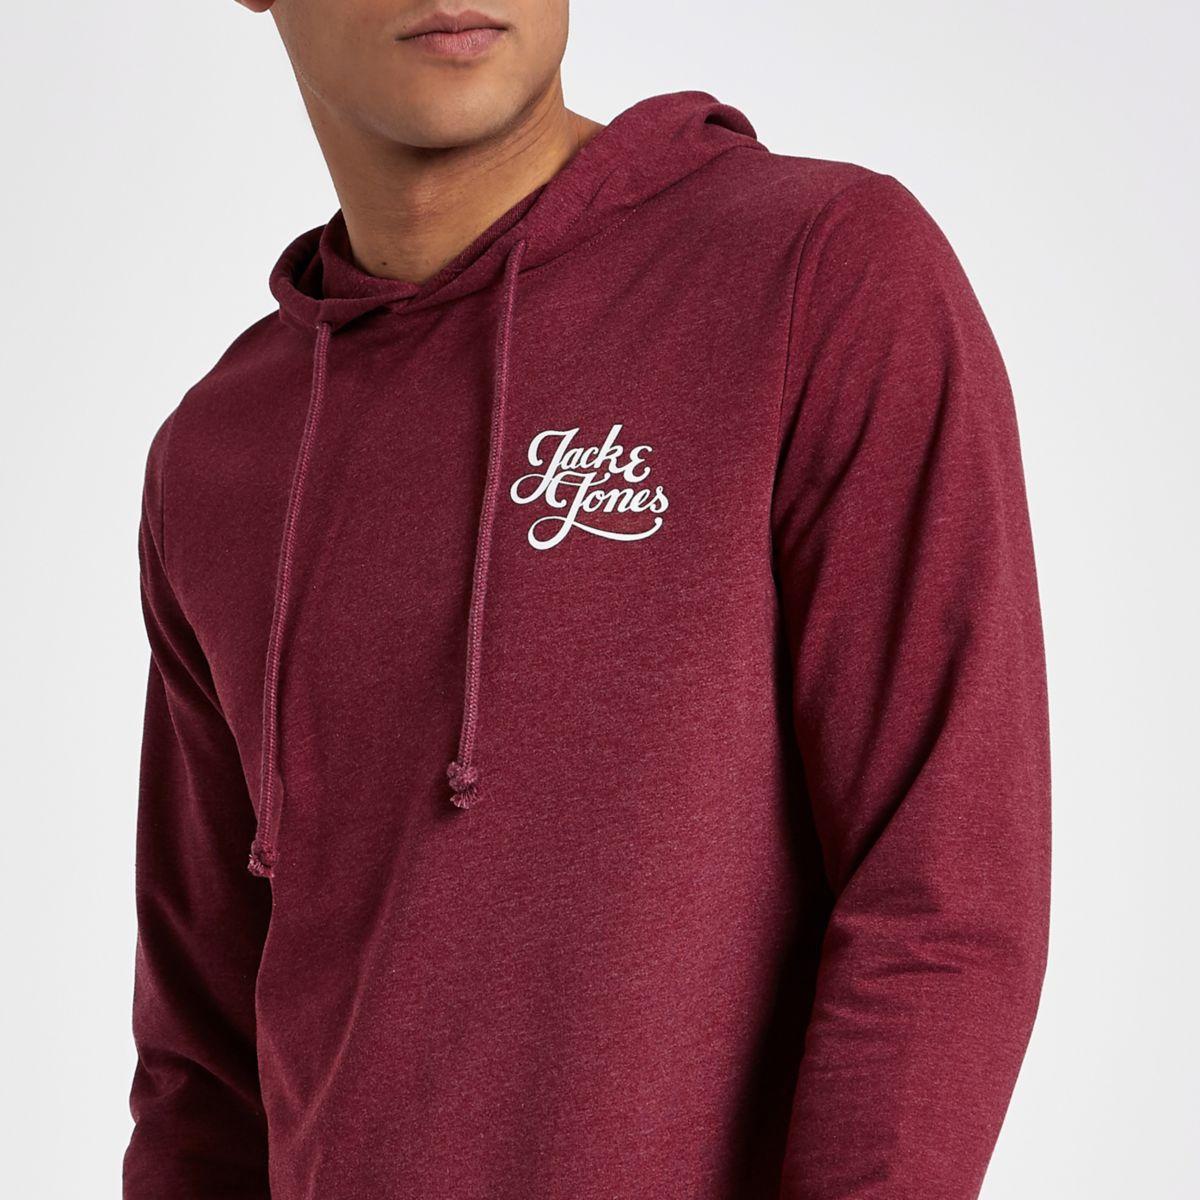 Jack & Jones Originals red hoodie